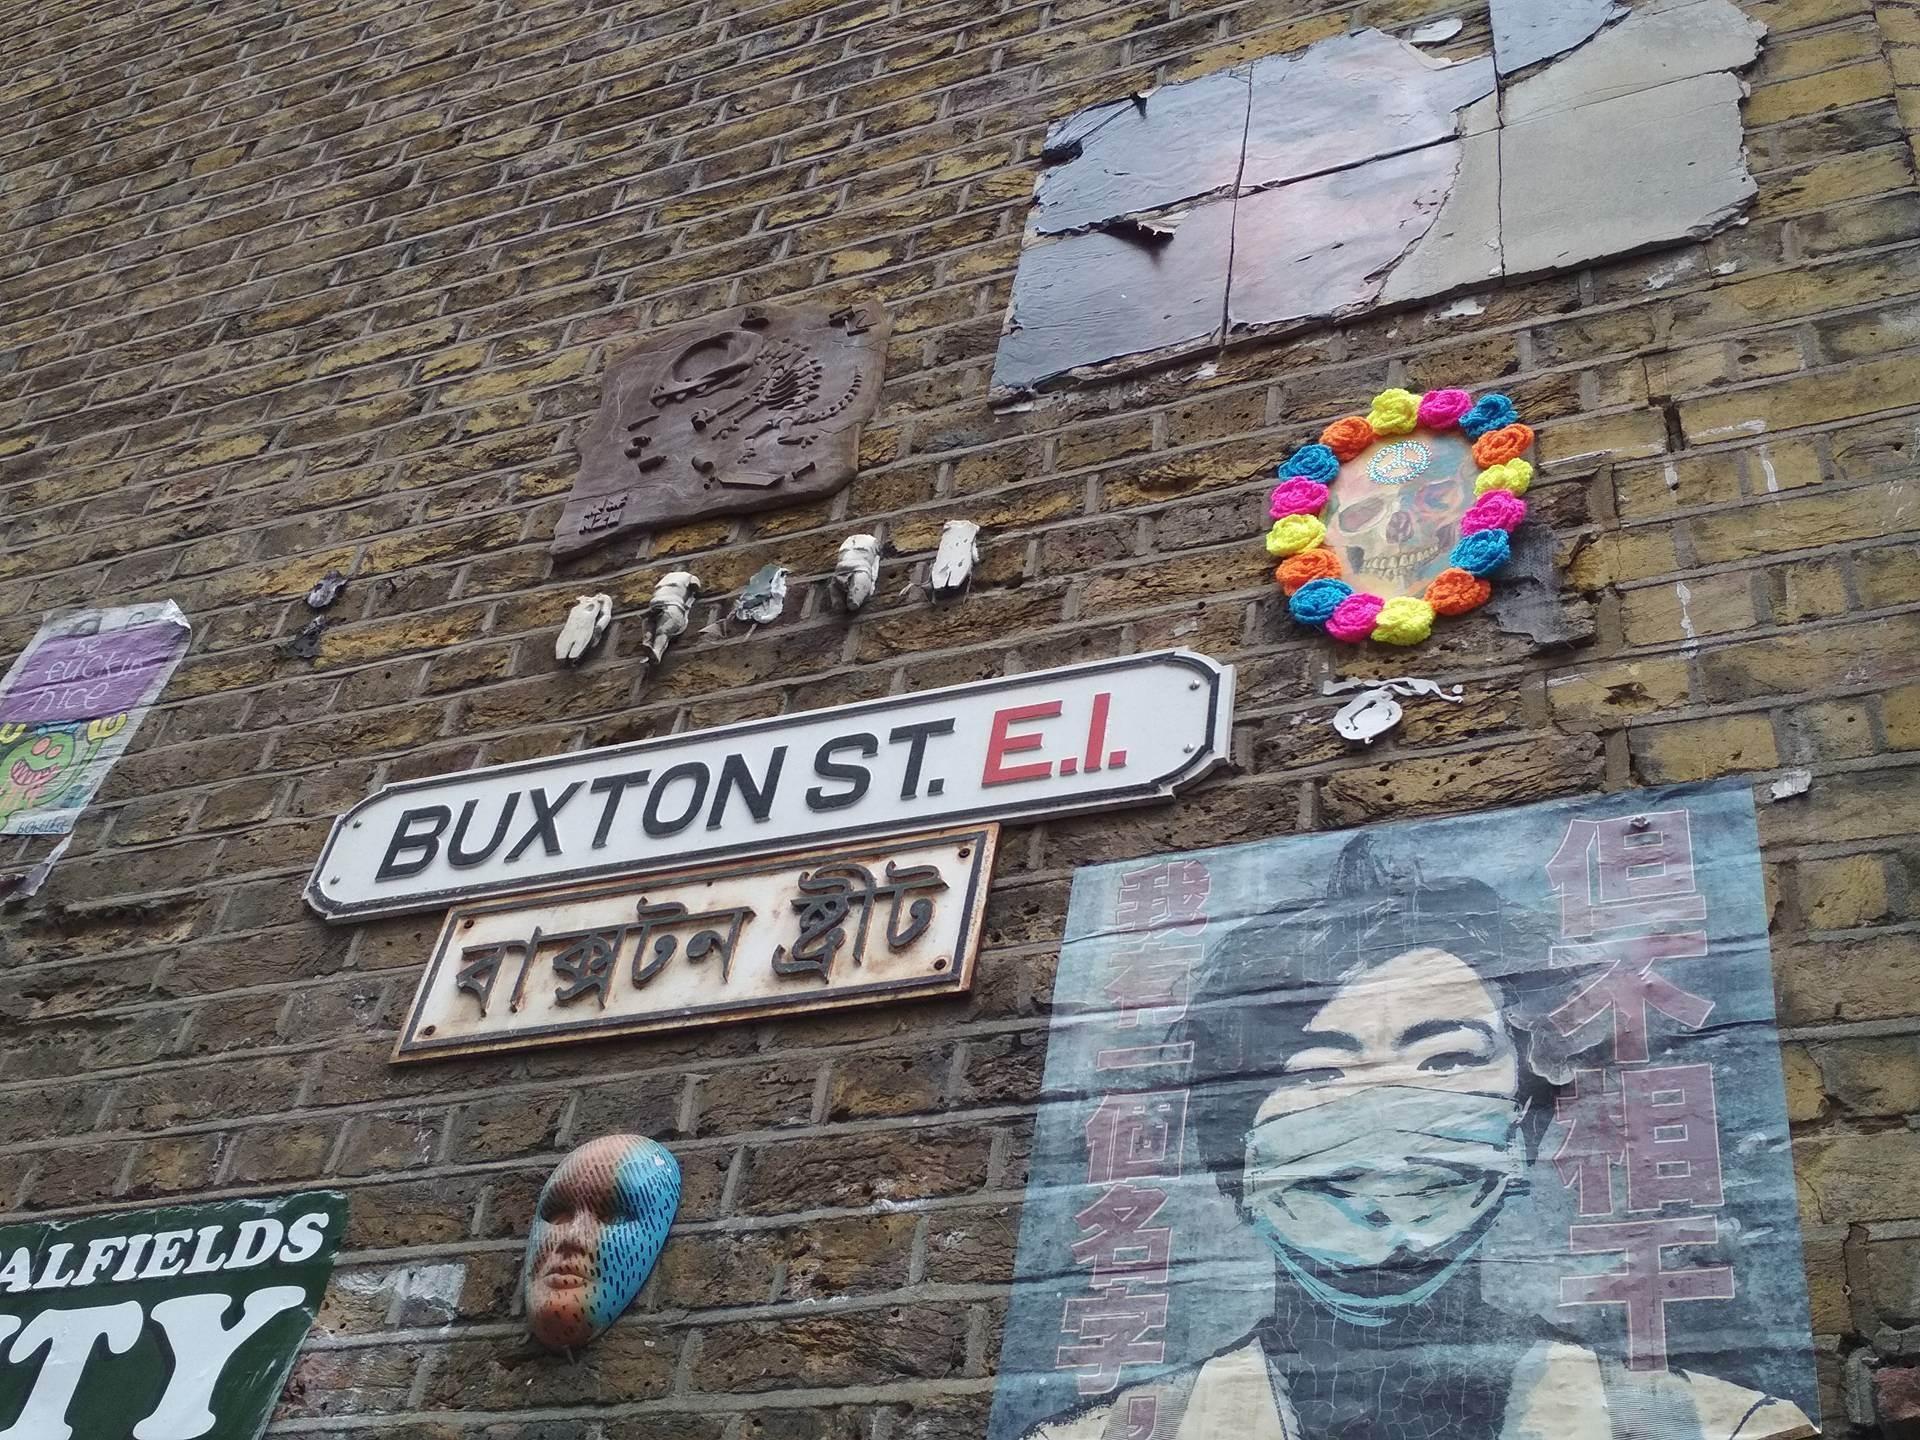 MONDO reportaža sa Londonskih ulica (FOTO, VIDEO)